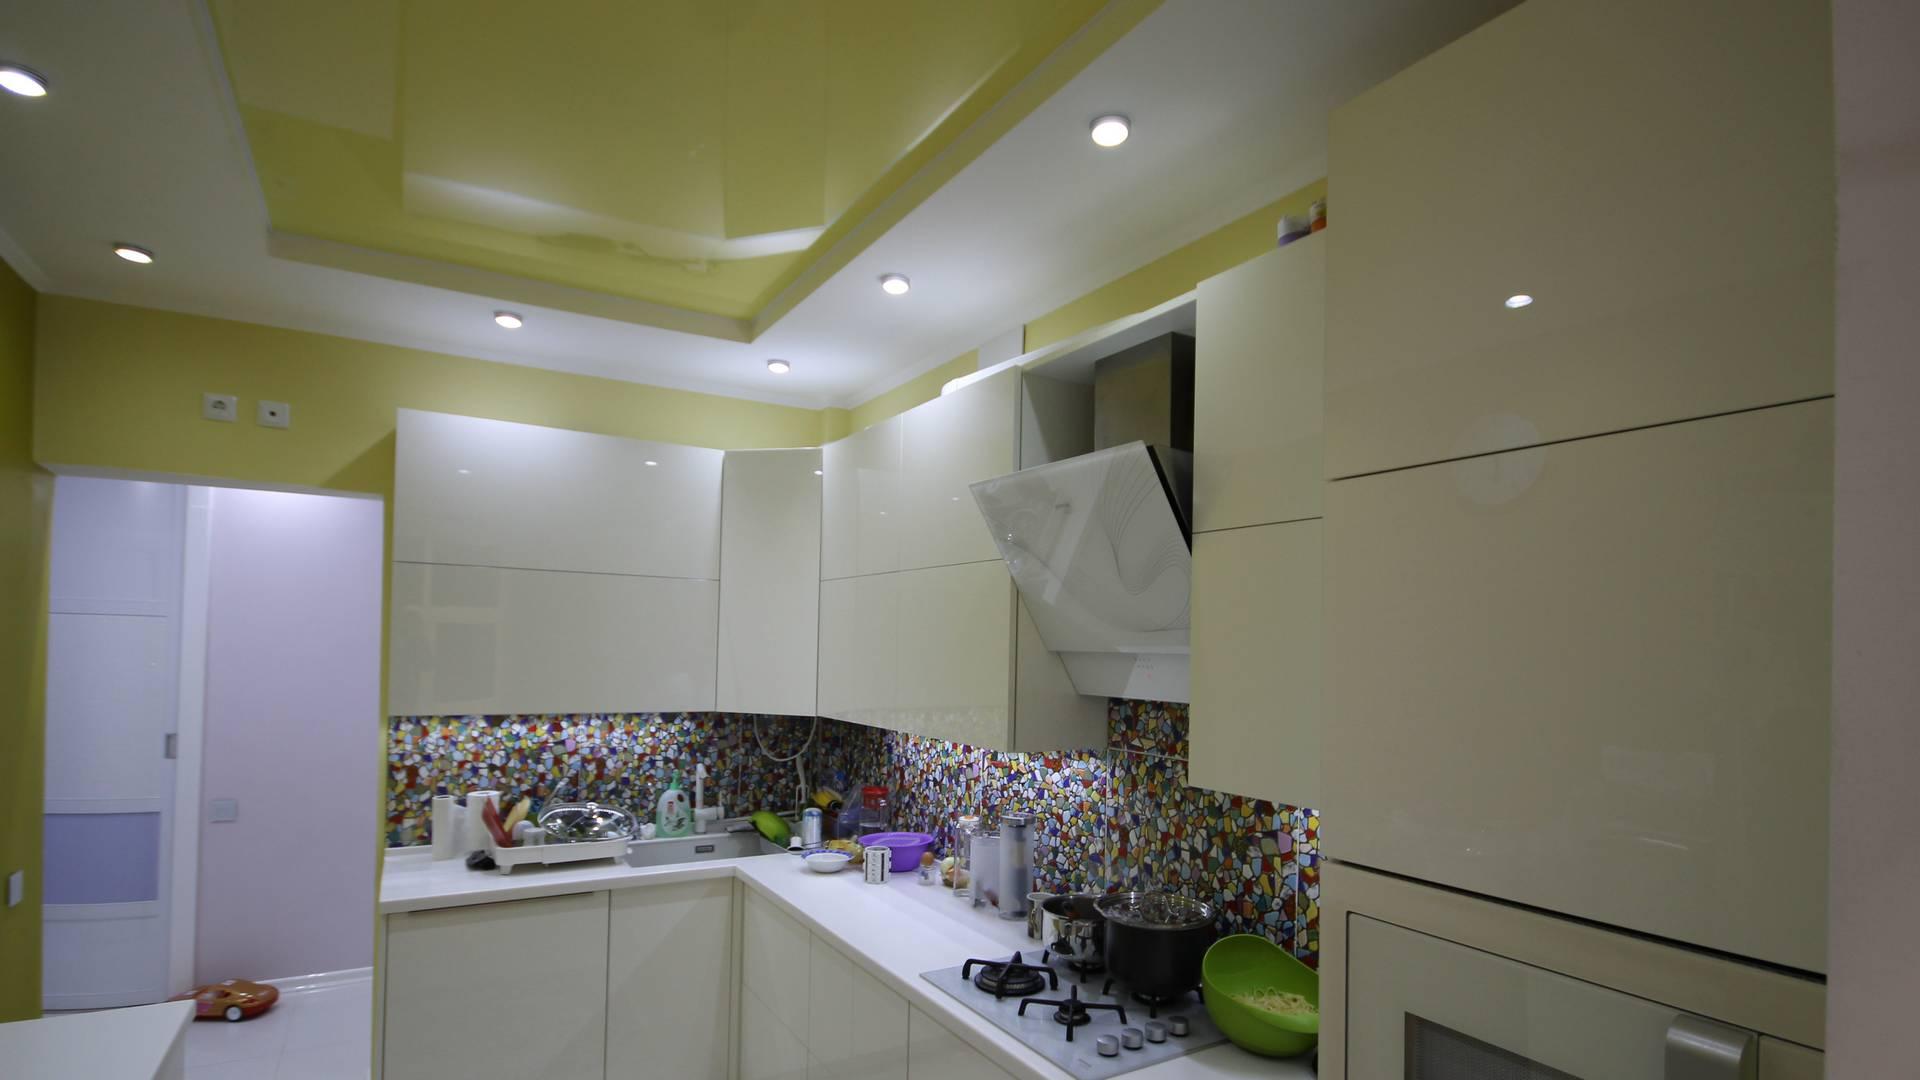 Двухуровневые натяжные потолки, Натяжные потолки для кухни, Матовые натяжные потолки